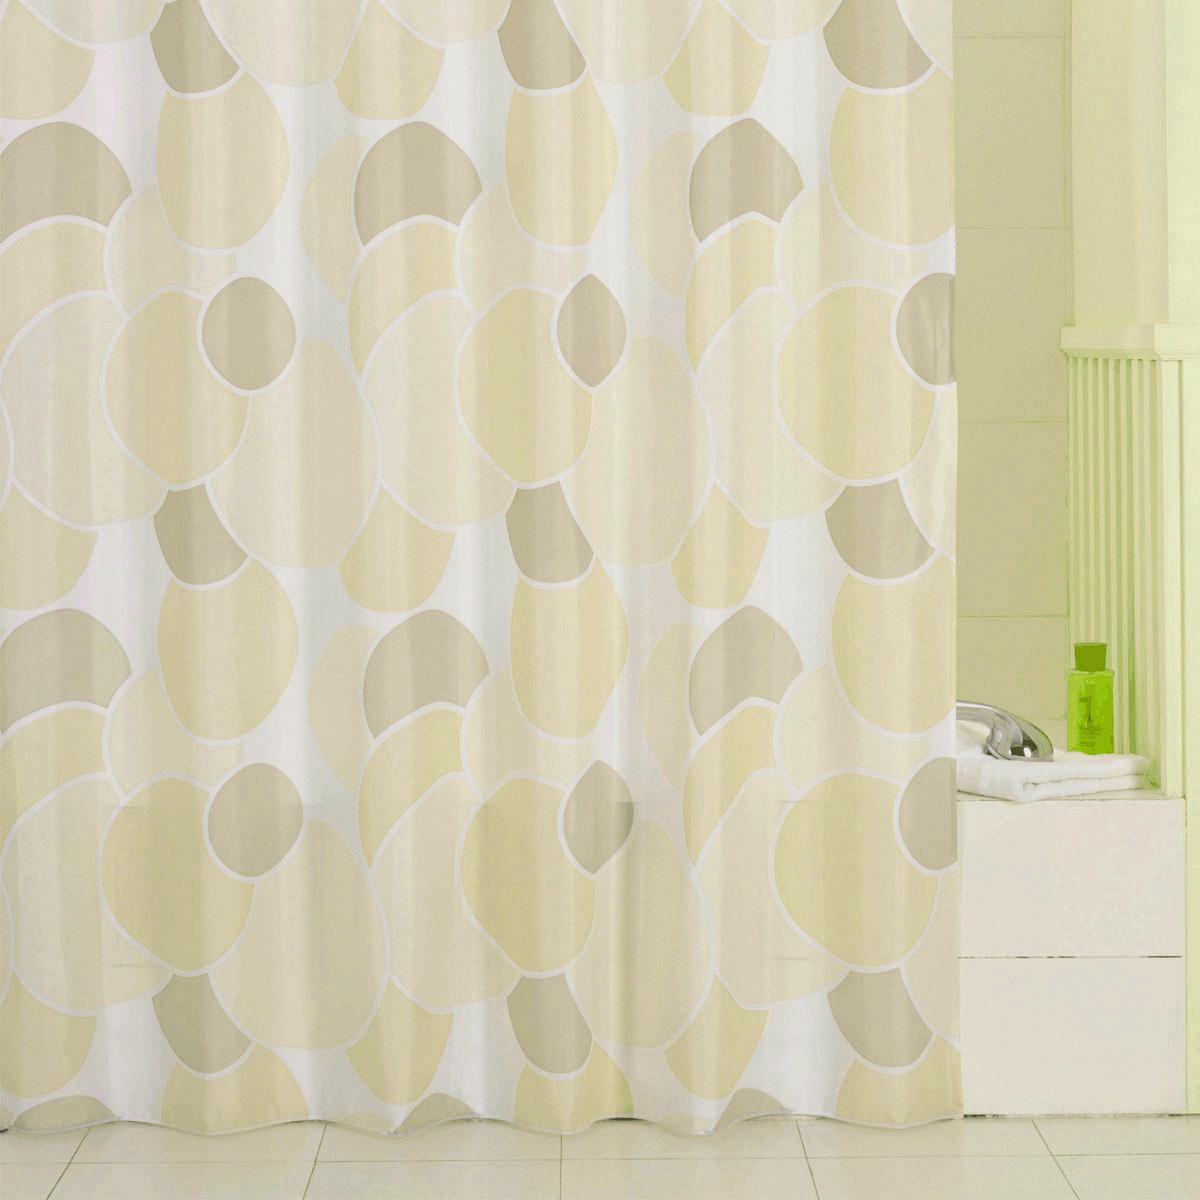 Штора для ванной Iddis Cream Balls, цвет: бежевый, светло-бежевый, белый, 200 x 240 см230P24RI11Штора для ванной комнаты Iddis выполнена из быстросохнущего материала - 100% полиэстера, что обеспечивает прочность изделия и легкость ухода за ним.Материал шторы пропитан специальным водоотталкивающим составом Waterprof.Изделие изготовлено из экологически-чистого материала, оно обладает высокой степенью гигиеничности, не вызывает аллергических реакций.Штора имеет 12 металлических люверсов и утяжеляющую нить. В комплекте: штора и кольца.